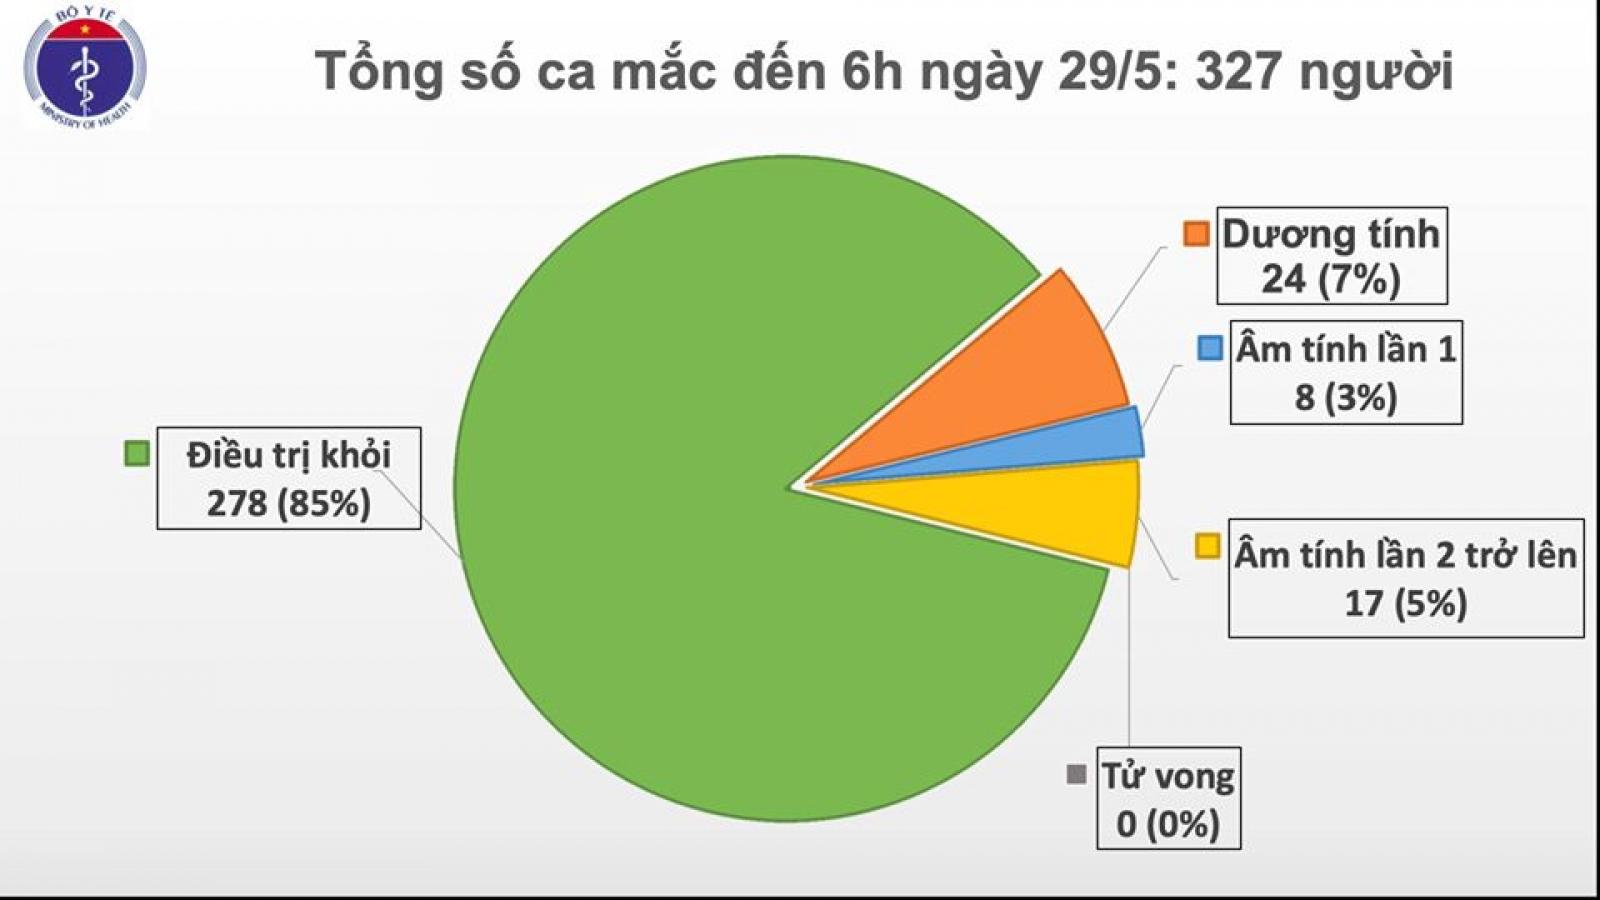 43 ngày, Việt Nam không có ca lây nhiễm mới Covid-19 trong cộng đồng